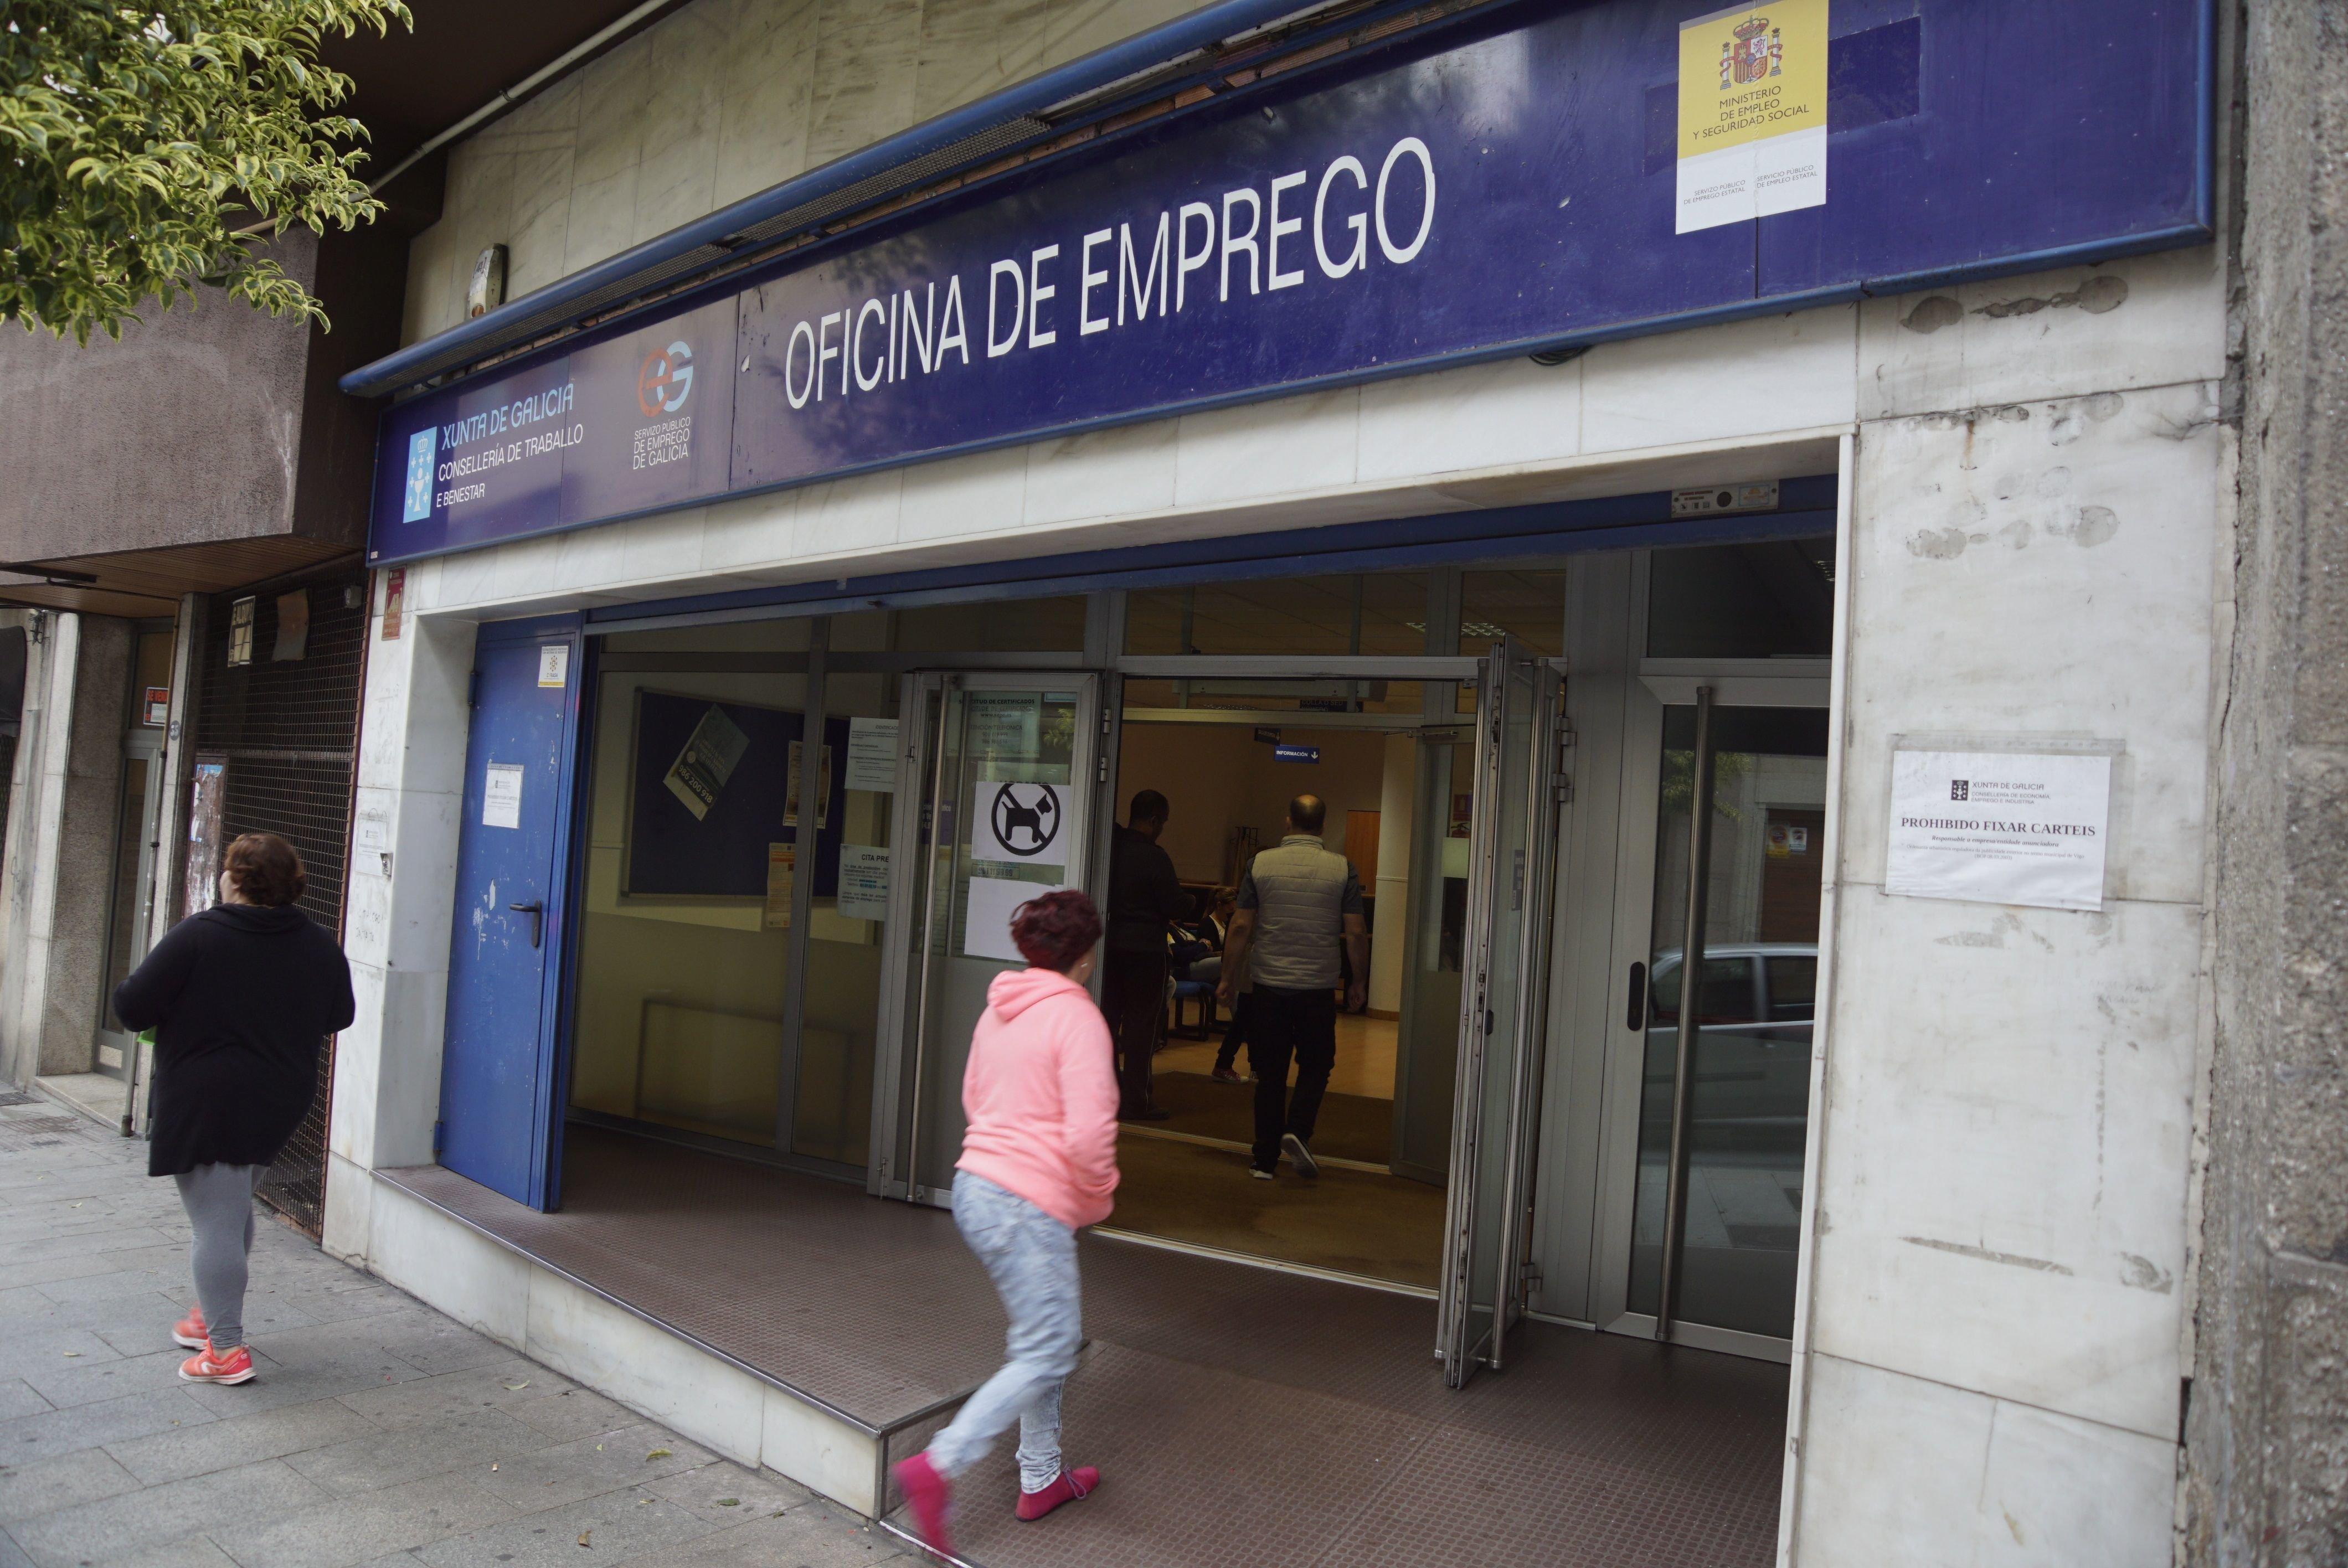 La comarca de vigo registra parados menos en el ltimo a o econom a atl ntico diario - Oficina de empleo vigo ...